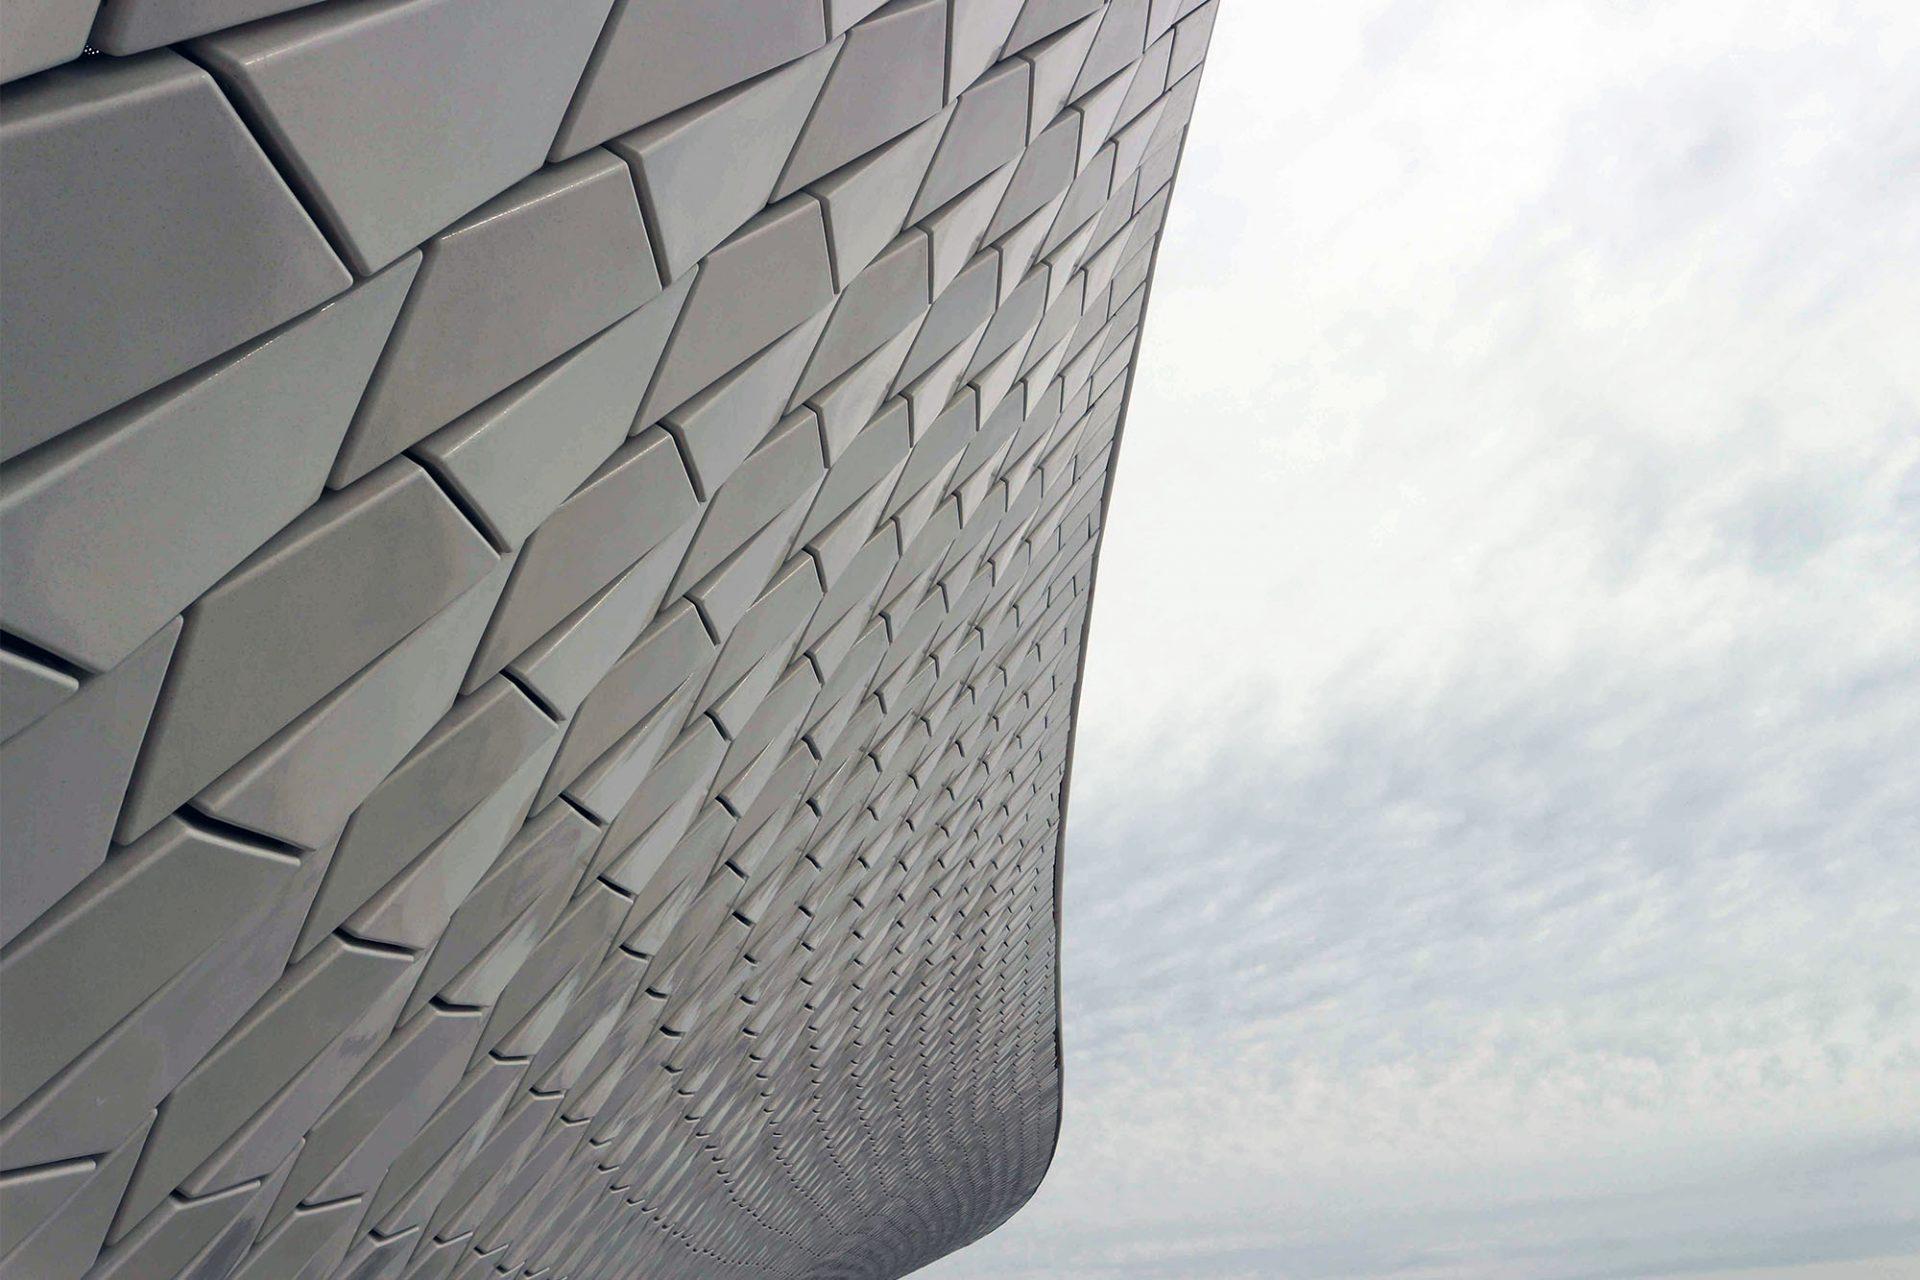 MAAT – Museu de Arte, Arquitetura e Tecnologia